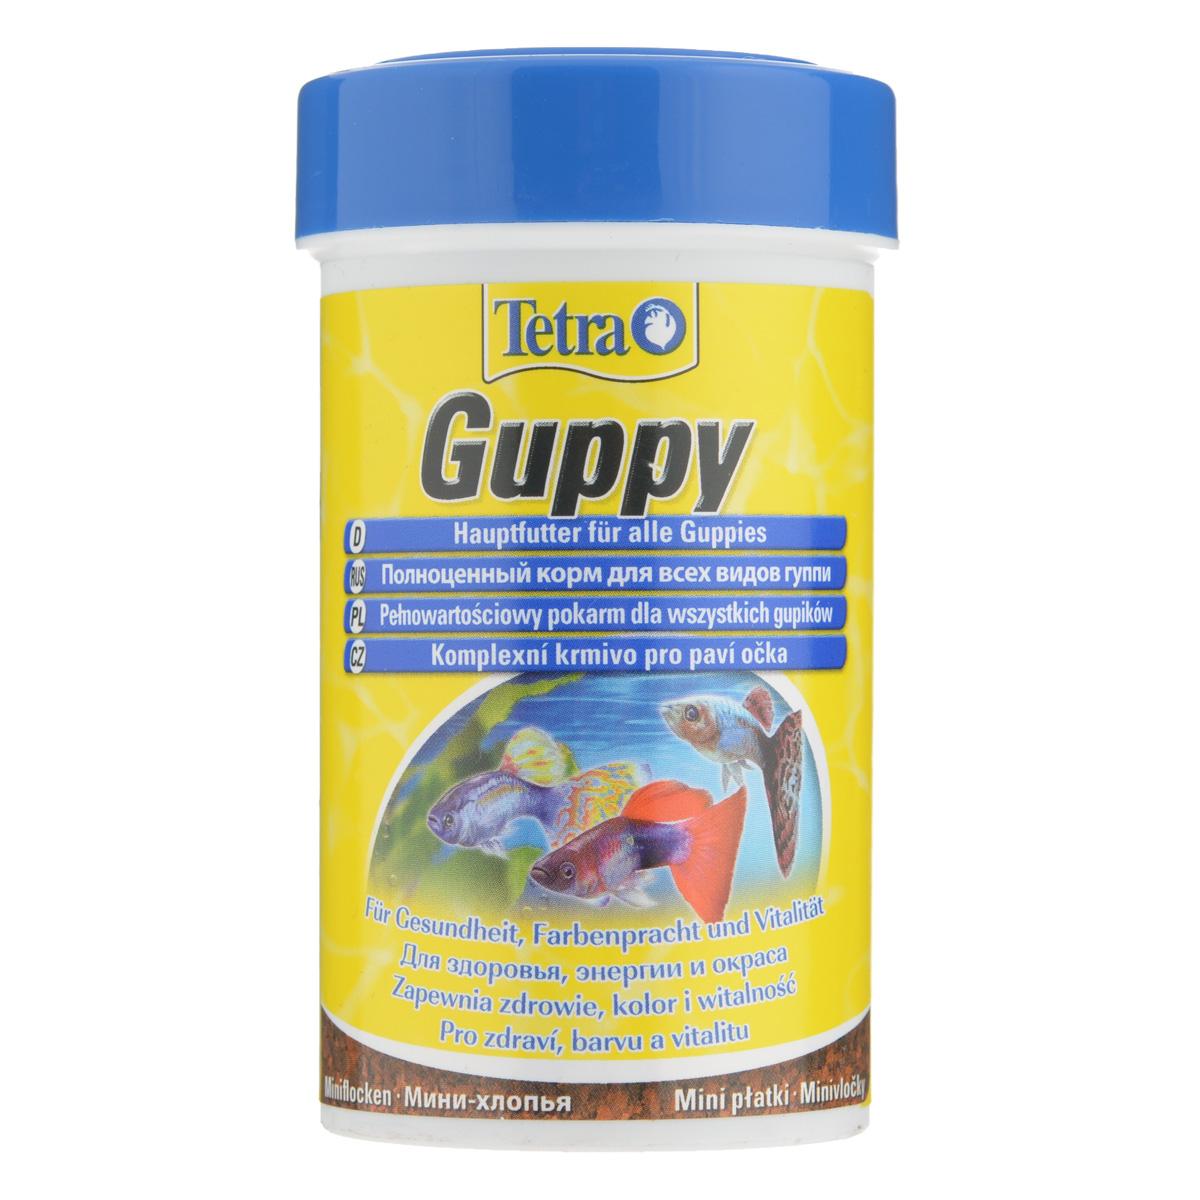 Корм Tetra Guppy для всех видов гуппи, в виде мини-хлопьев, 100 мл197213Корм Tetra Guppy - это высококачественный сбалансированный питательный корм в виде мини-хлопьев для всех видов гуппи, а также для других живородящих аквариумных рыб. Особенности Tetra Guppy: мини-хлопья изготовлены специально для маленьких ртов гуппи и других живородящих рыб, высокое содержание растительных ингредиентов и минералов для улучшения вкусовых качеств и роста, усилители окраса для ярких цветов. Рекомендации по кормлению: кормить несколько раз в день маленькими порциями. Характеристики: Состав: экстракты растительного белка, зерновые культуры, дрожжи, моллюски и раки, масла и жиры, водоросли, сахар, минеральные вещества. Пищевая ценность: сырой белок - 45%, сырые масла и жиры - 8%, сырая клетчатка - 4,0%, влага - 8%. Добавки: витамины, провитамины и химические вещества с аналогичным воздействием: витамин А 27800 МЕ/кг, витамин Д3 850 МЕ/кг. Красители, ...